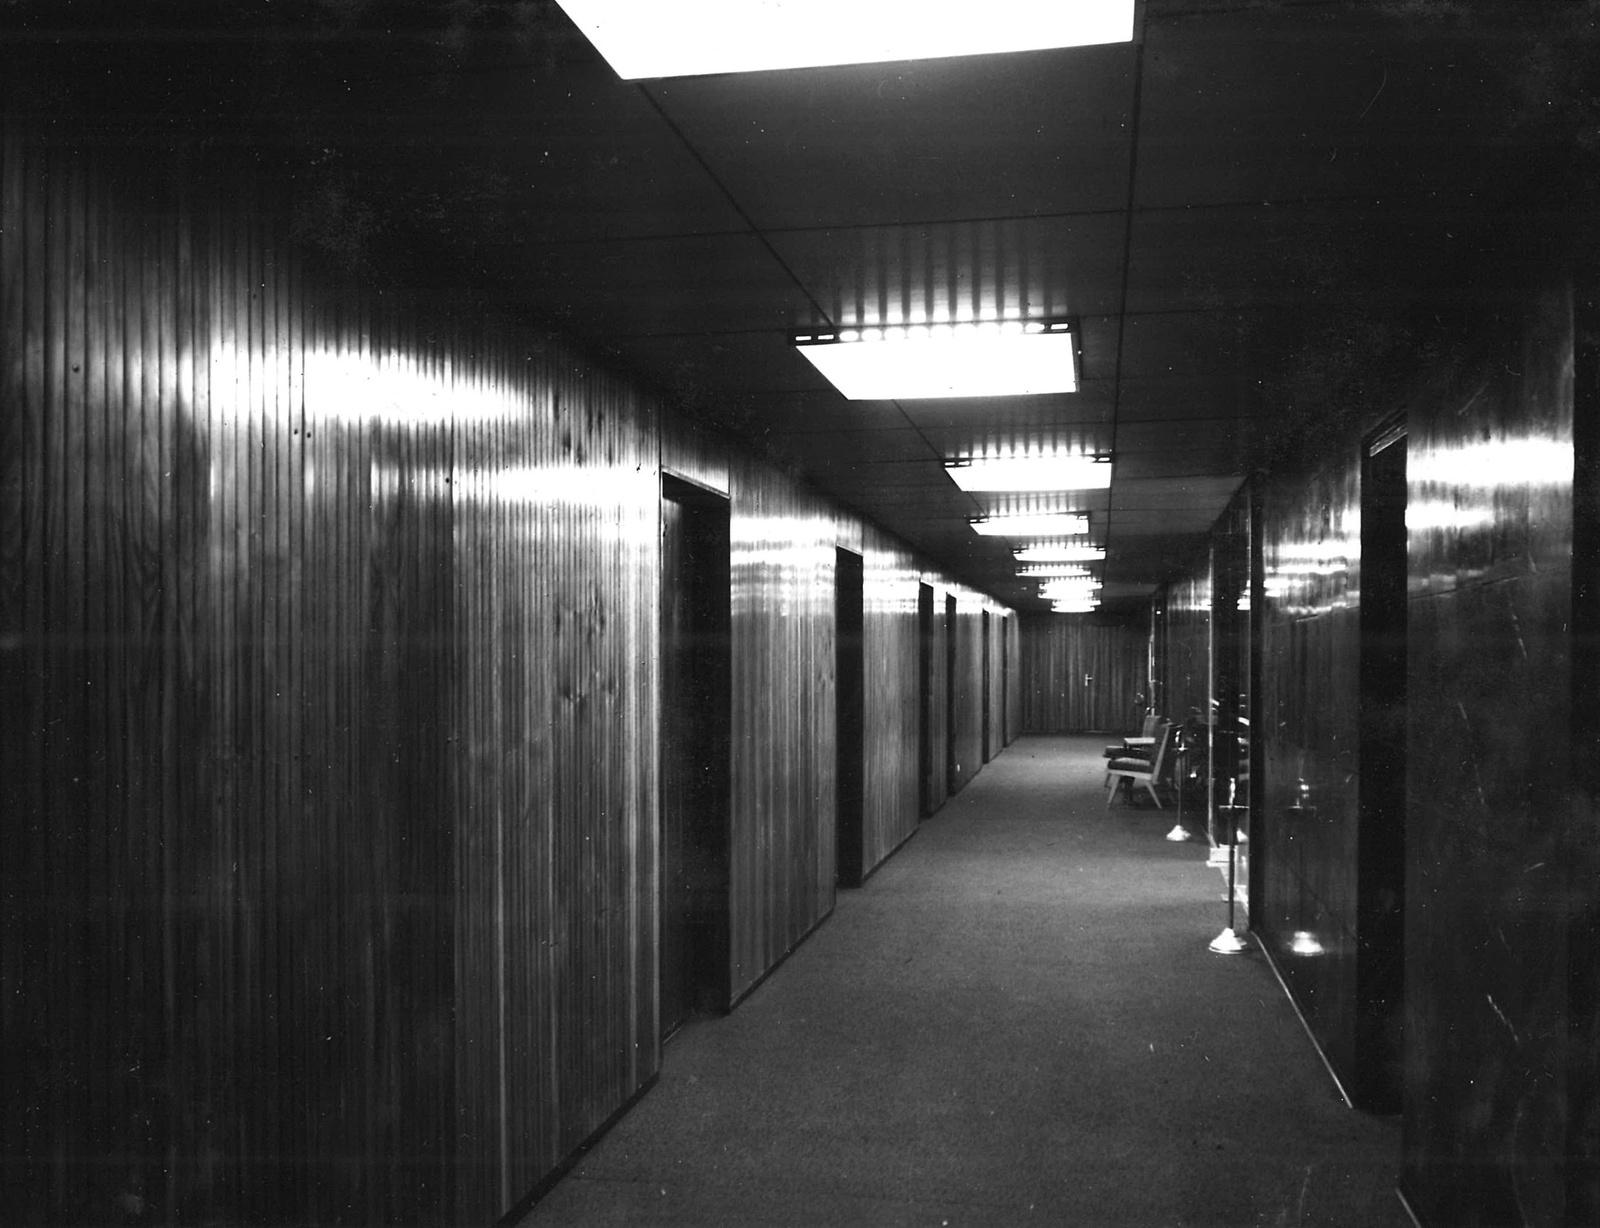 GazdasagiMiniszterium-MargitKrt-1970esEvek-03